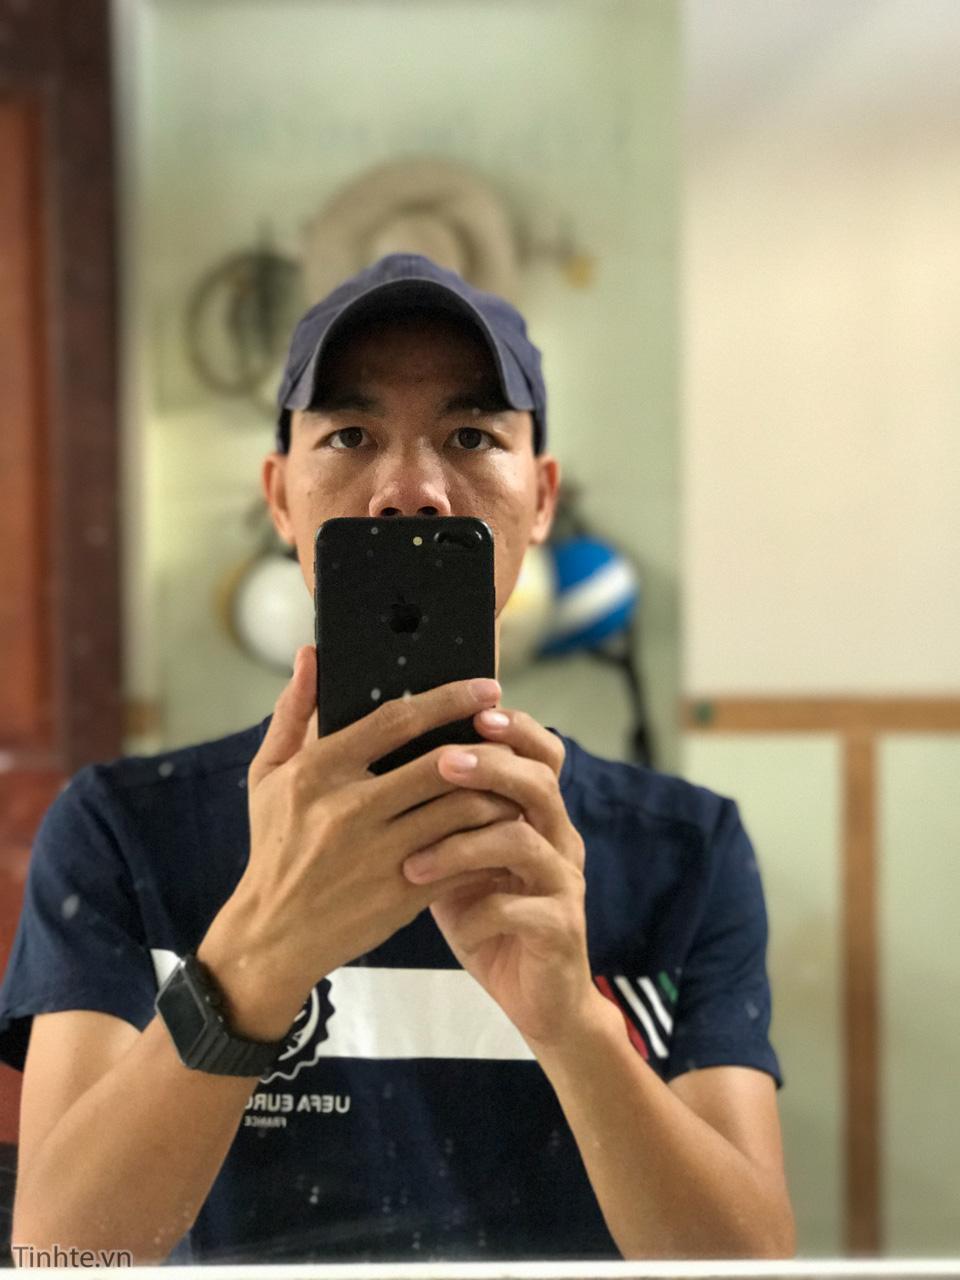 iPhone 7 Plus Portrait-8.jpg